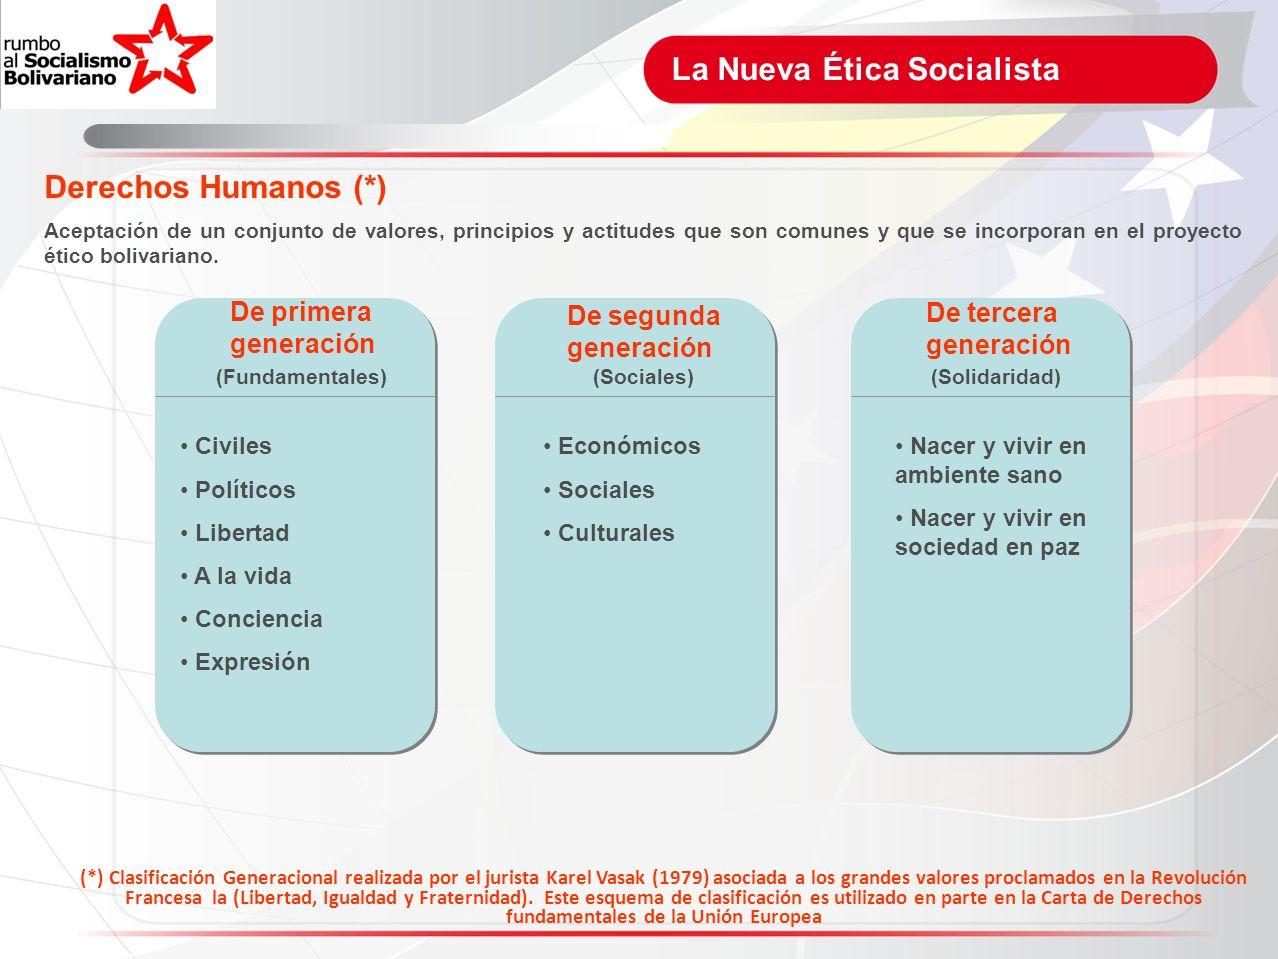 La Nueva Ética Socialista Derechos Humanos (*) (*) Clasificación Generacional realizada por el jurista Karel Vasak (1979) asociada a los grandes valor